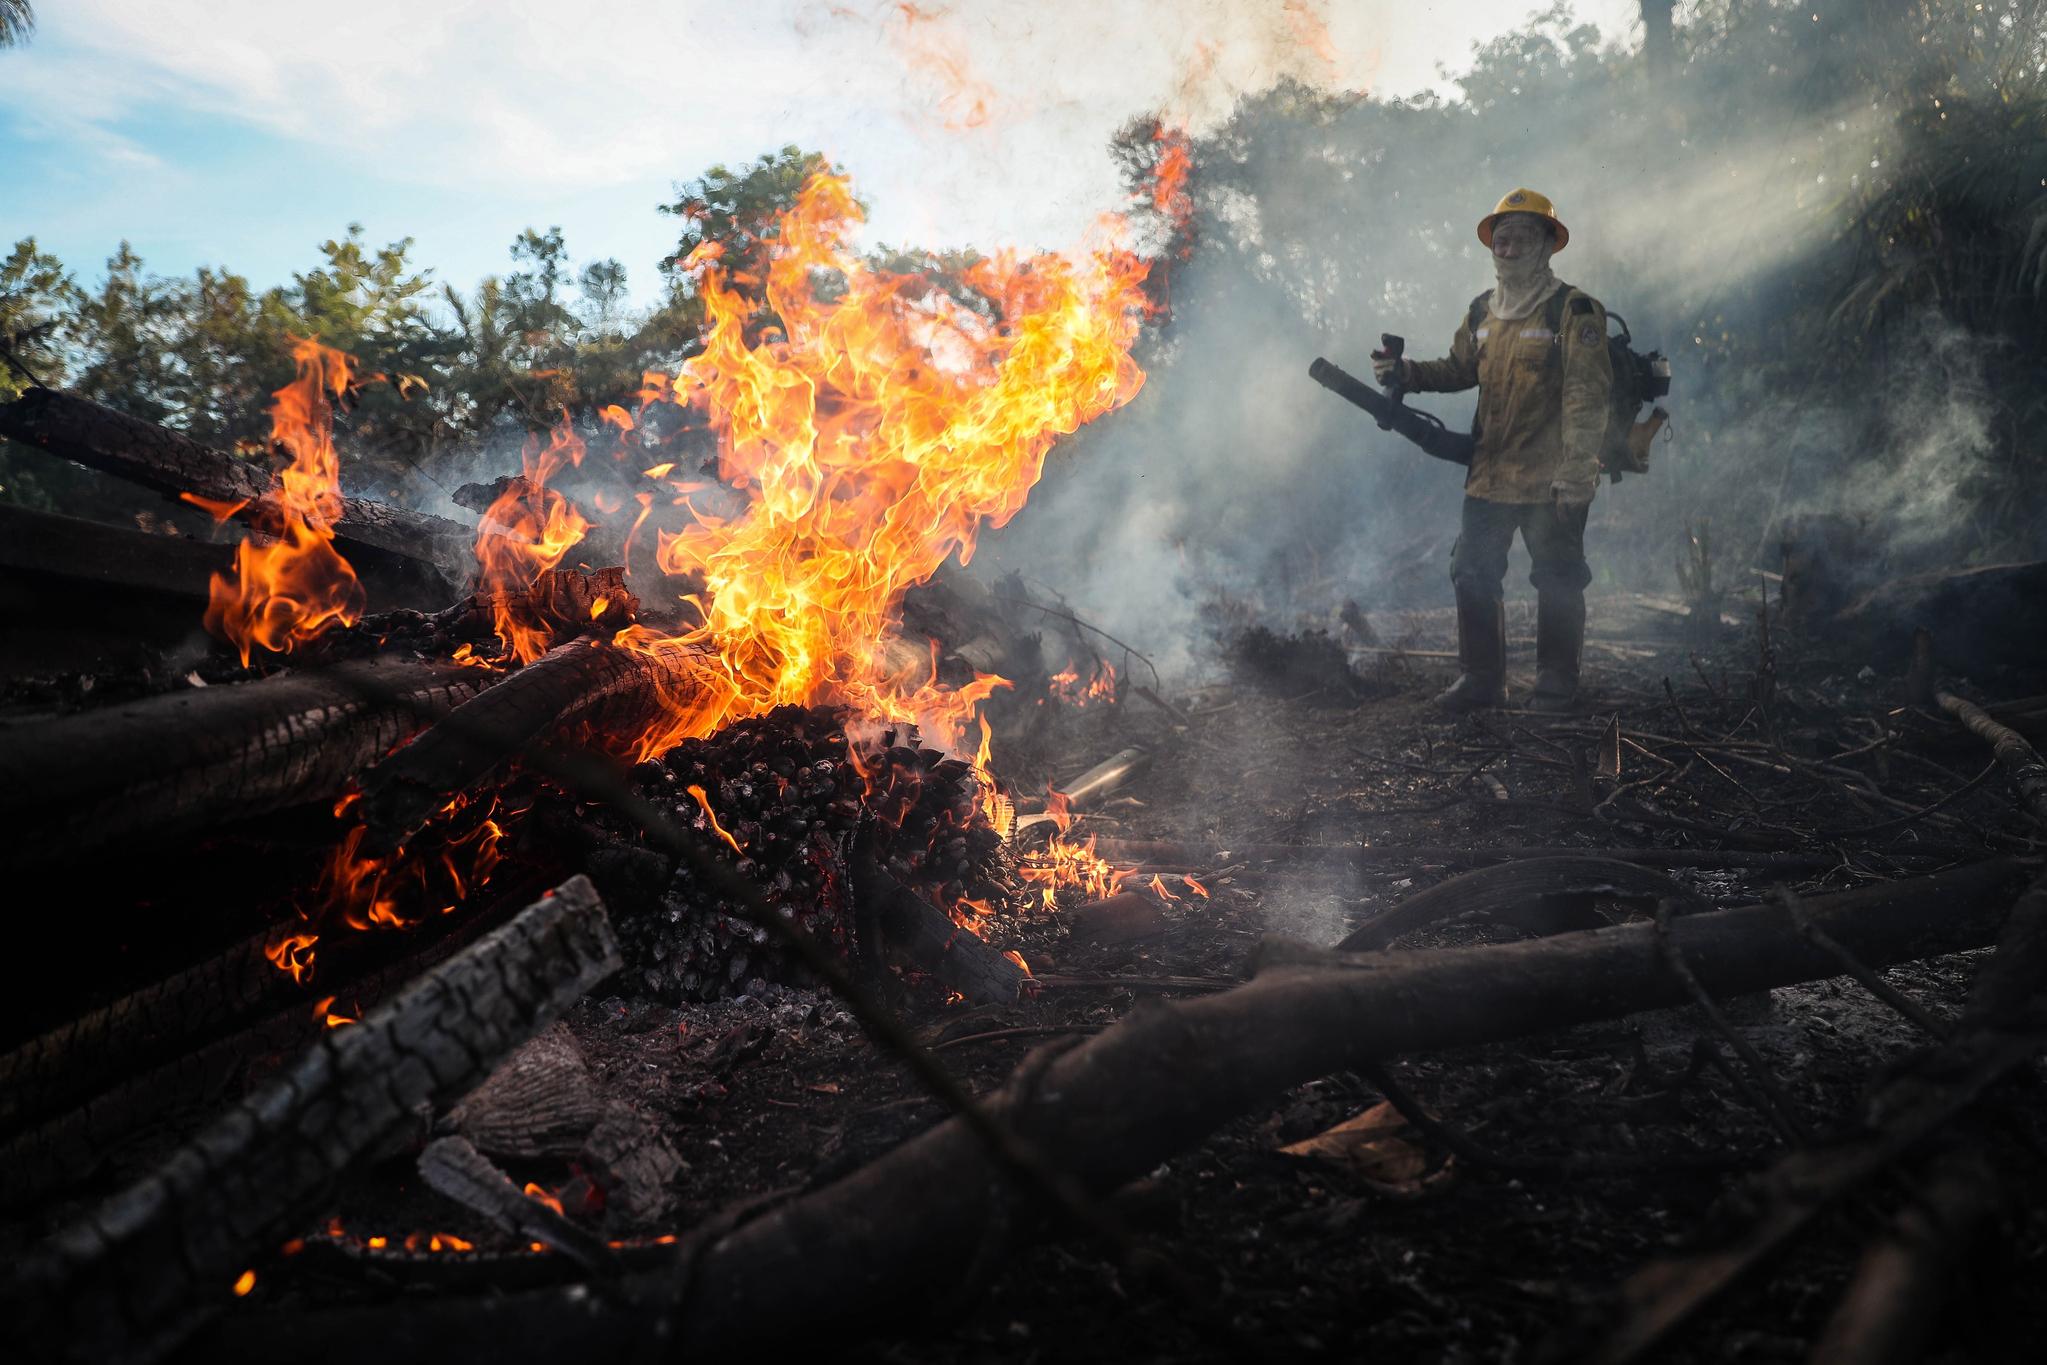 브라질 북부 아마조나스주 휴마이타에 있는 아마존 강 유역의 열대우림에서 지난 7일 현지인 소방대원이 산불을 끄고 있다. [EPA]